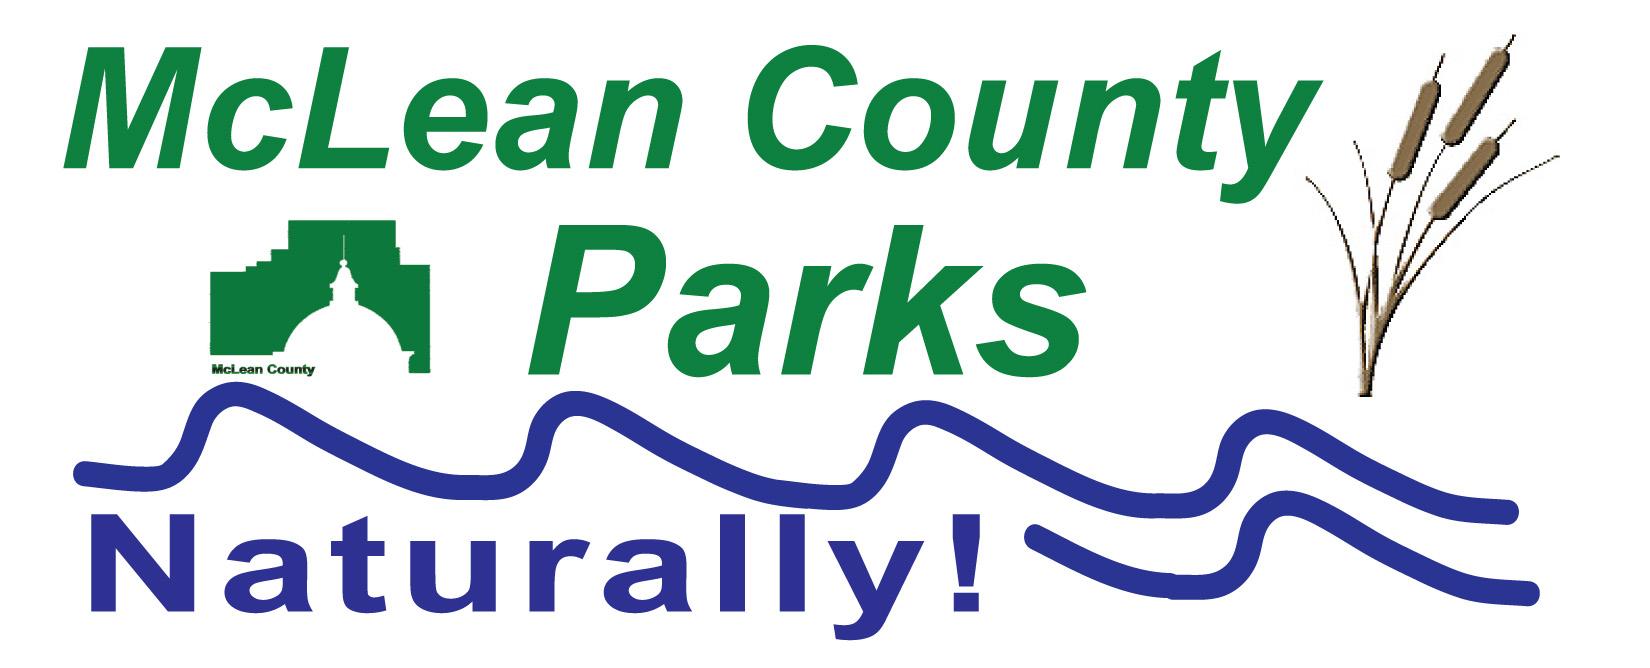 Mclean County Parks 1_1554327256239.jpg.jpg